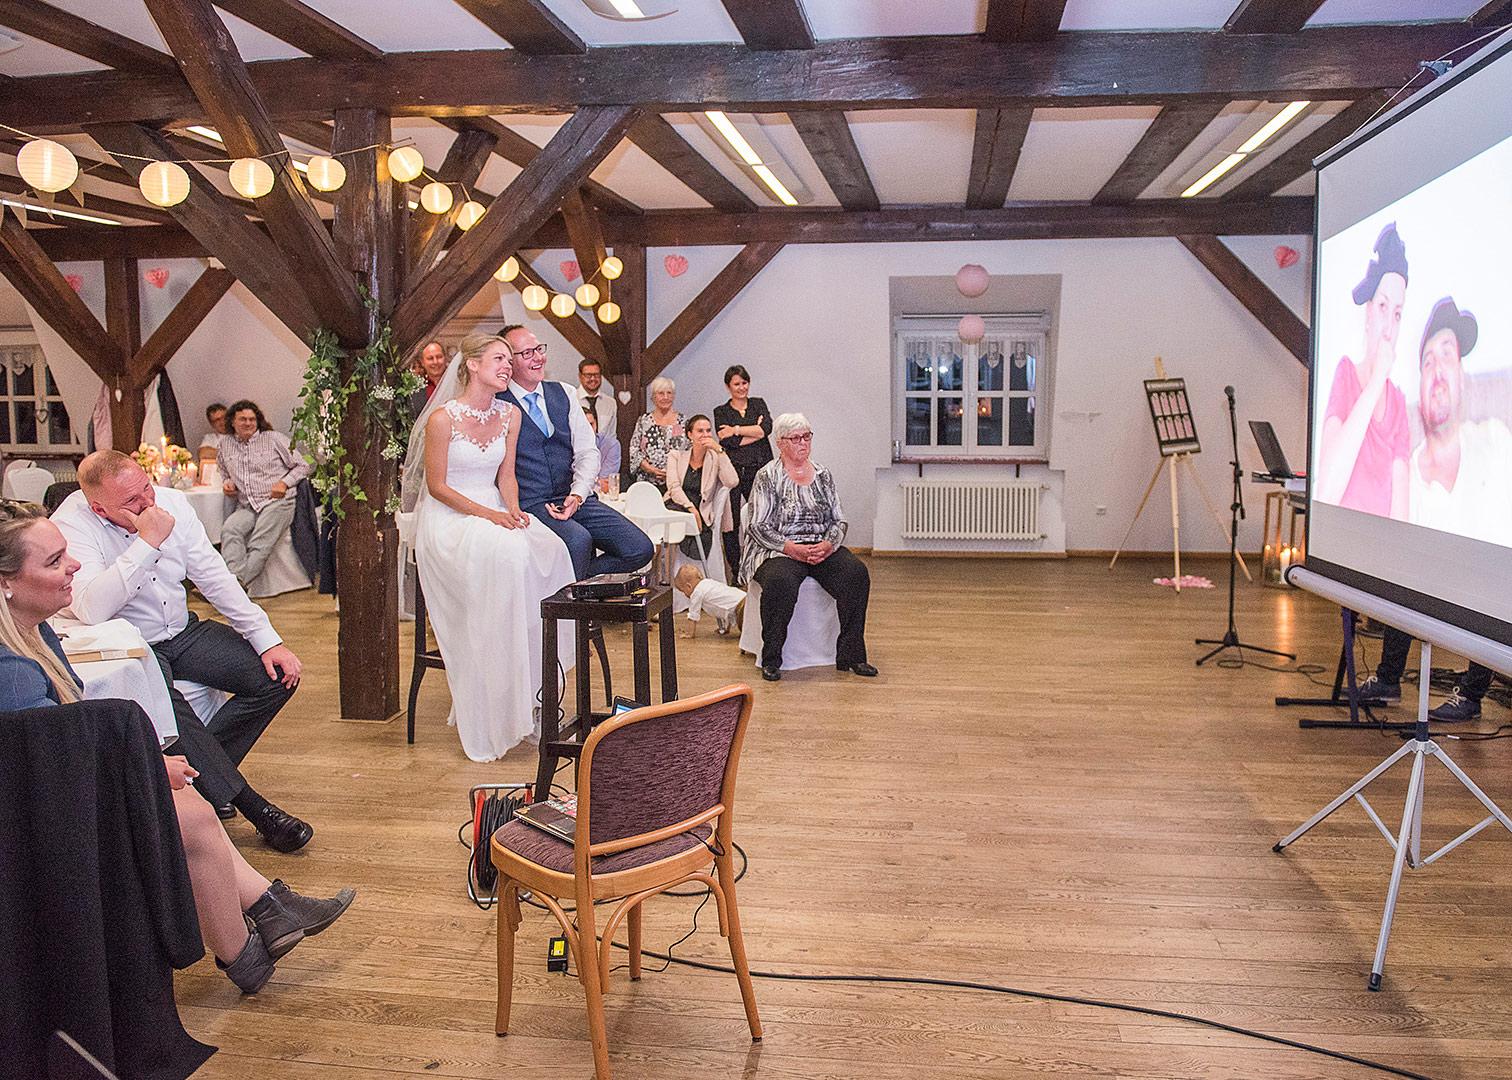 sitzplan hochzeit, diy sitzplan, hochzeitsdeko, hochzeitsfotograf, tischdekoration hochzeit, heiraten in der springbachmühle, hochzeit springbachmühle, hochzeitsfeier